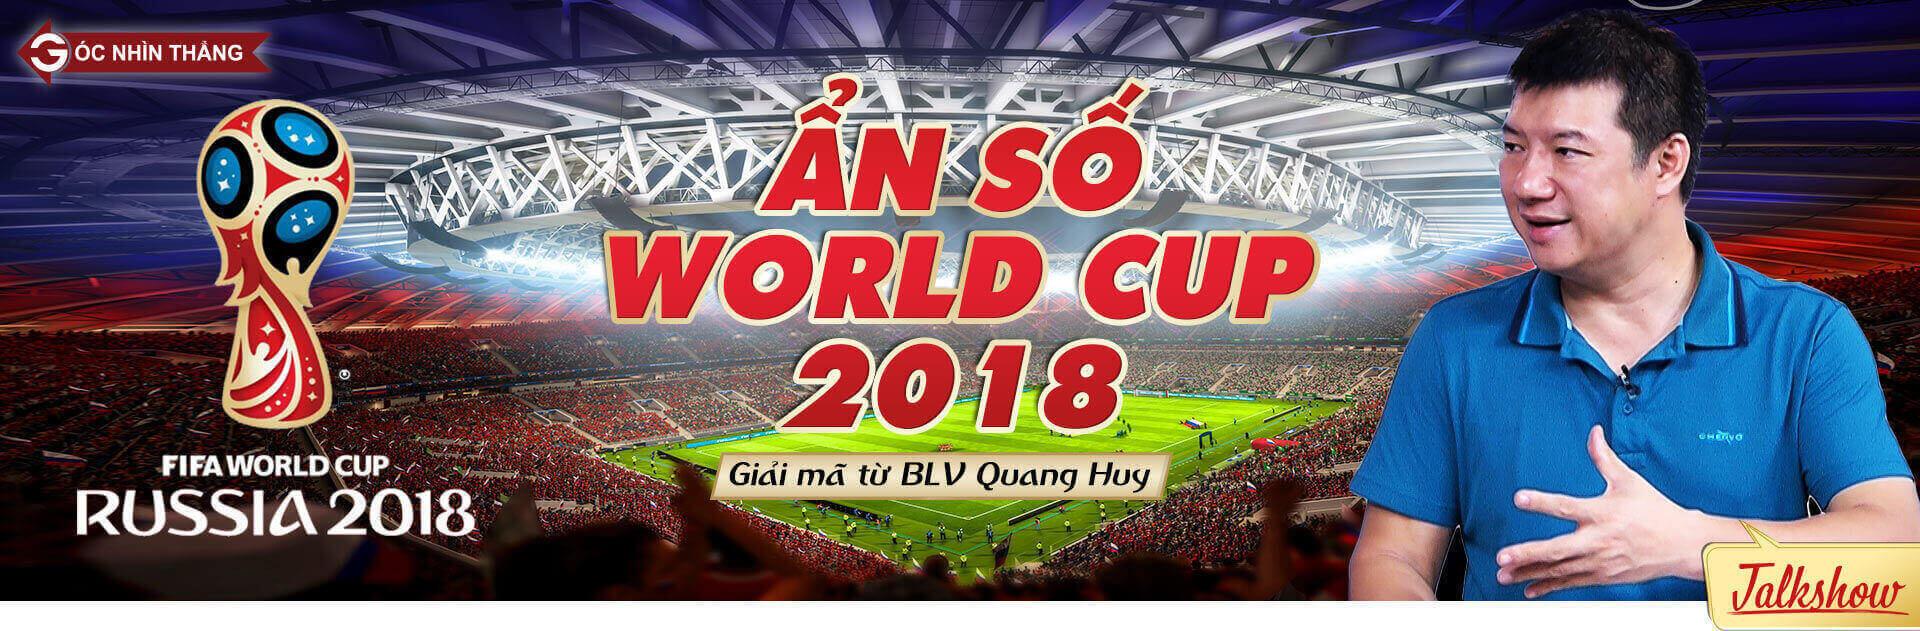 World Cup 2018,Ronaldo,BLV Quang Huy,Đội tuyển Brazil